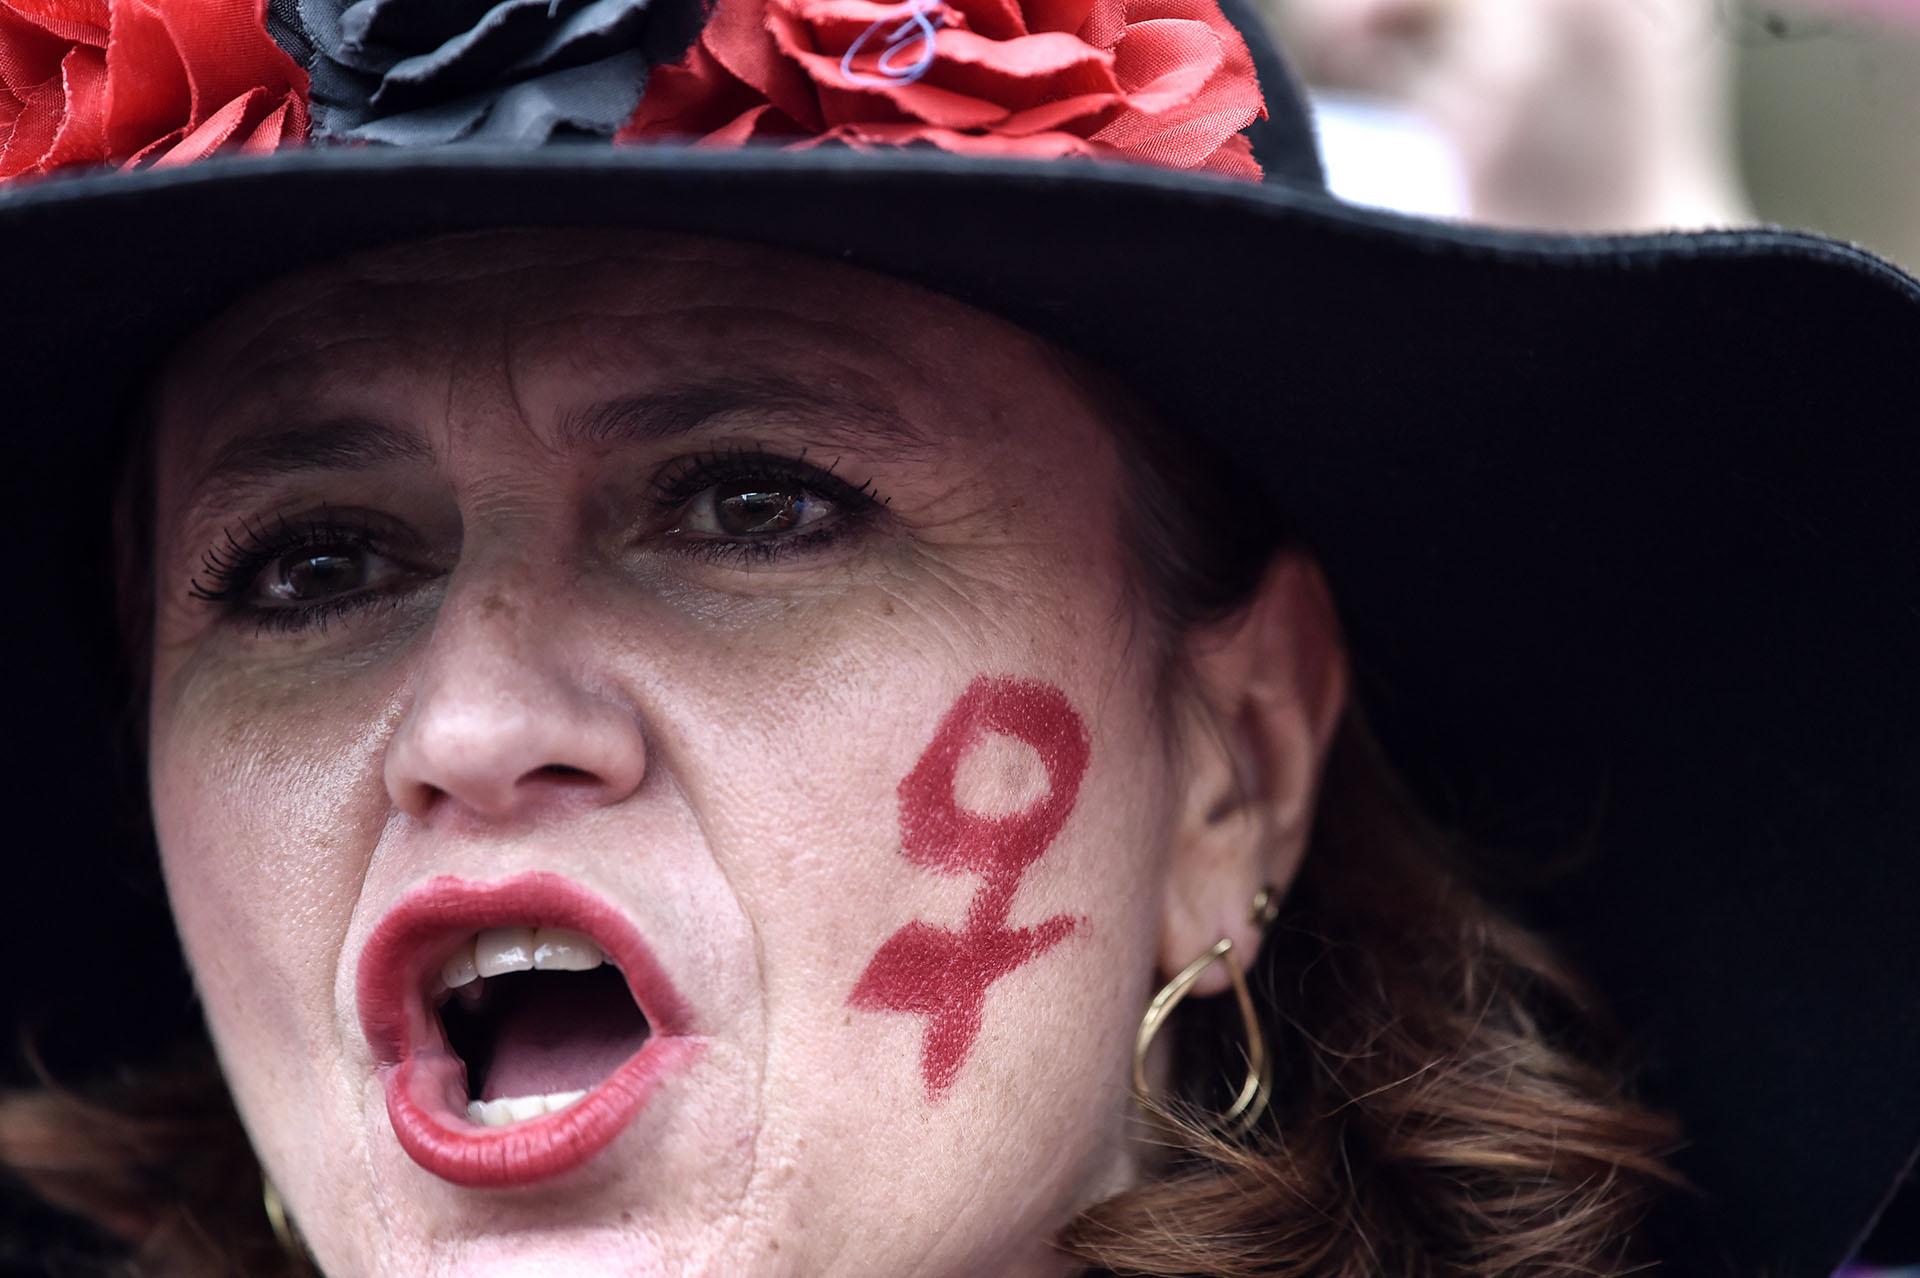 Mujeres de toda edad participaron en las manifestaciones